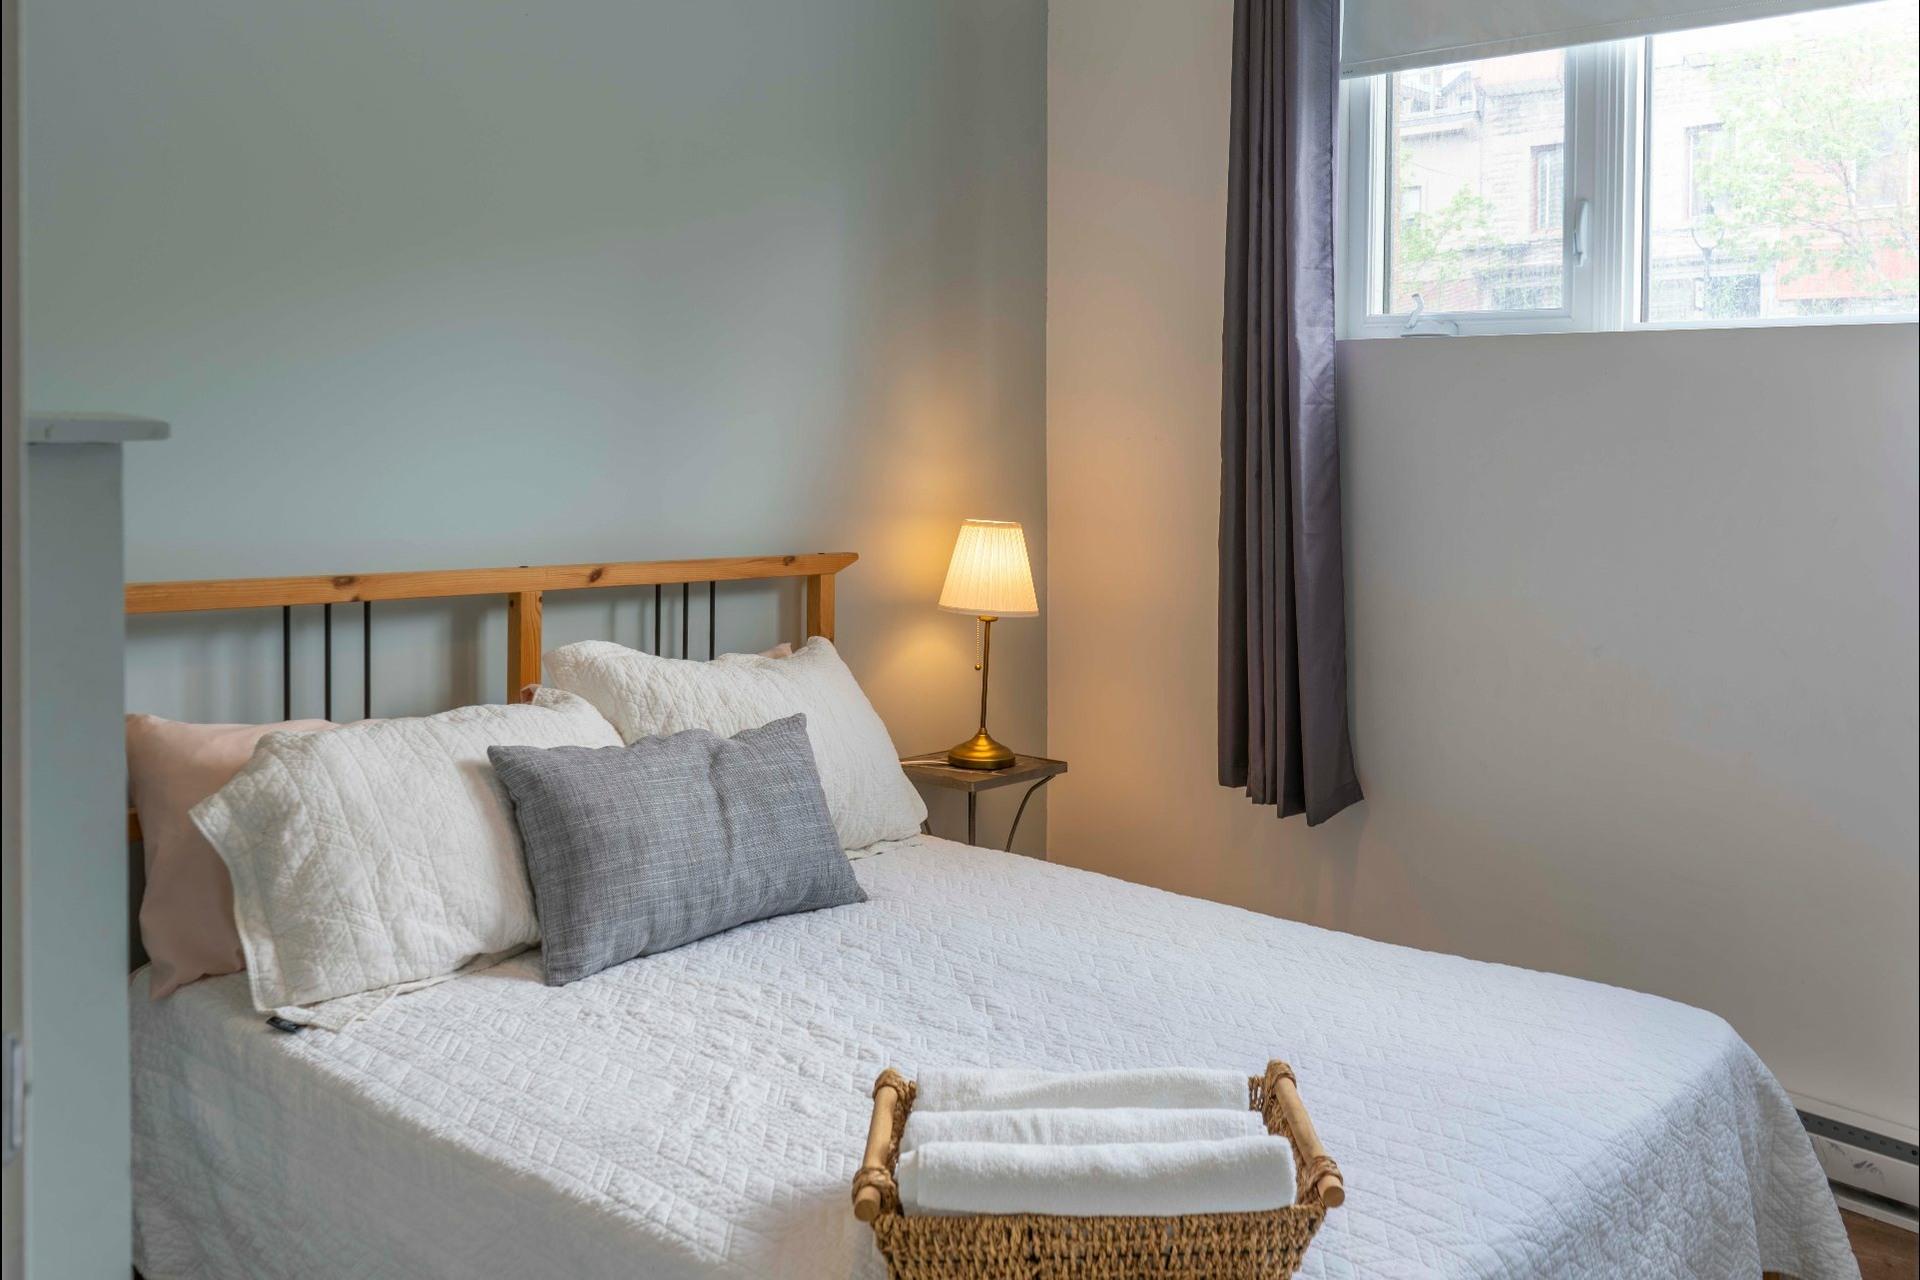 image 6 - Apartment For sale Montréal Le Sud-Ouest  - 5 rooms